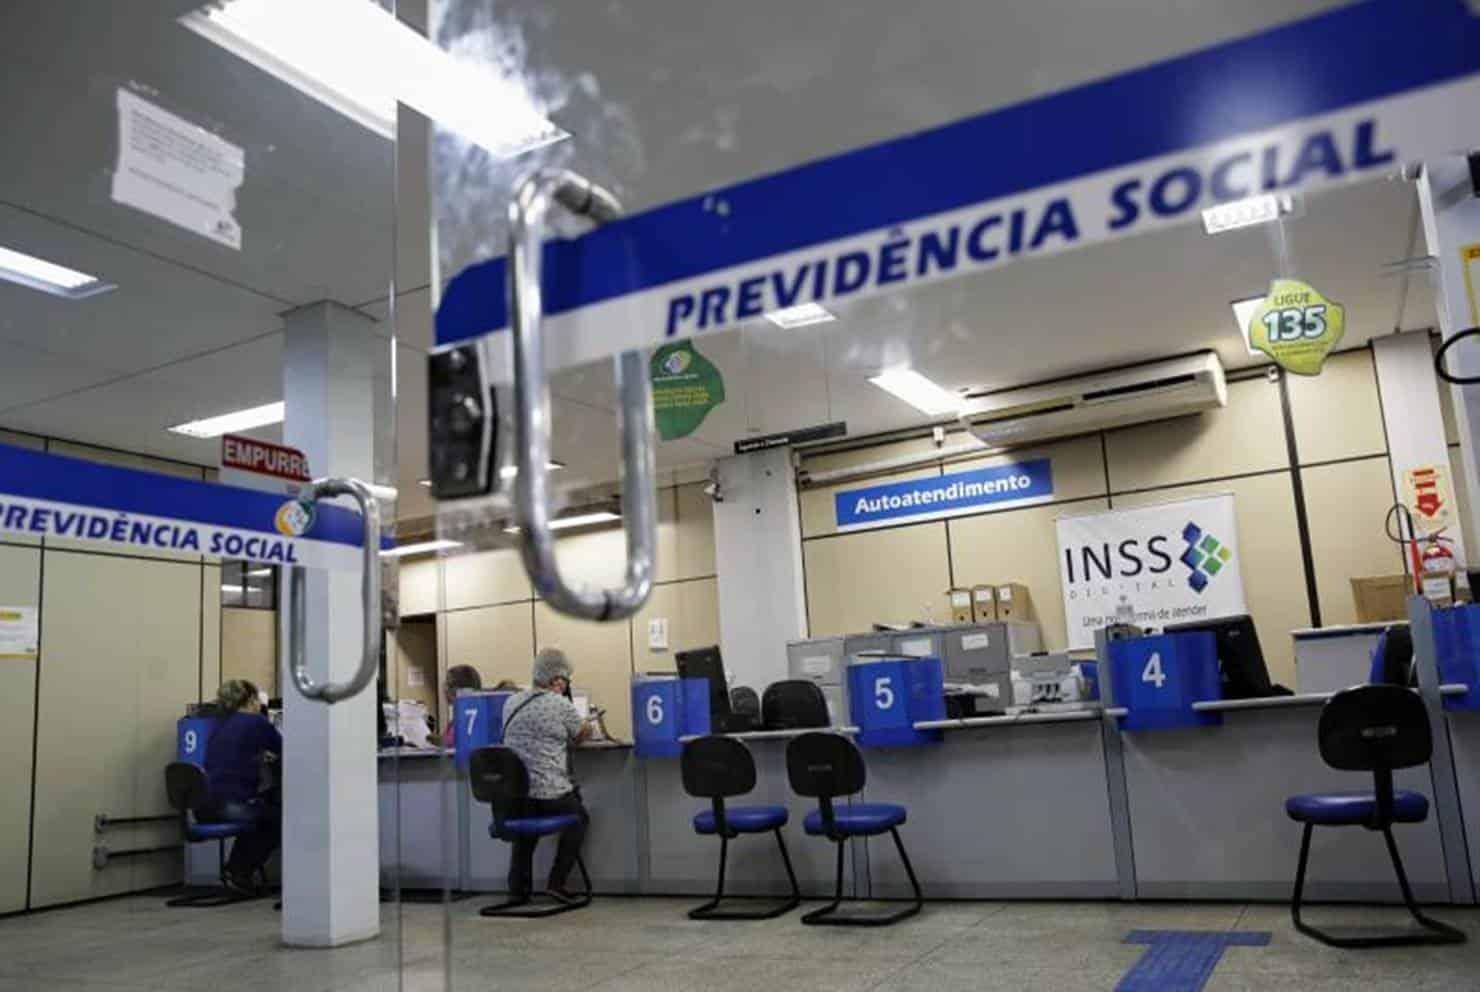 INSS: aposentados e pensionistas têm até o dia 30 deste mês para fazer a prova de vida